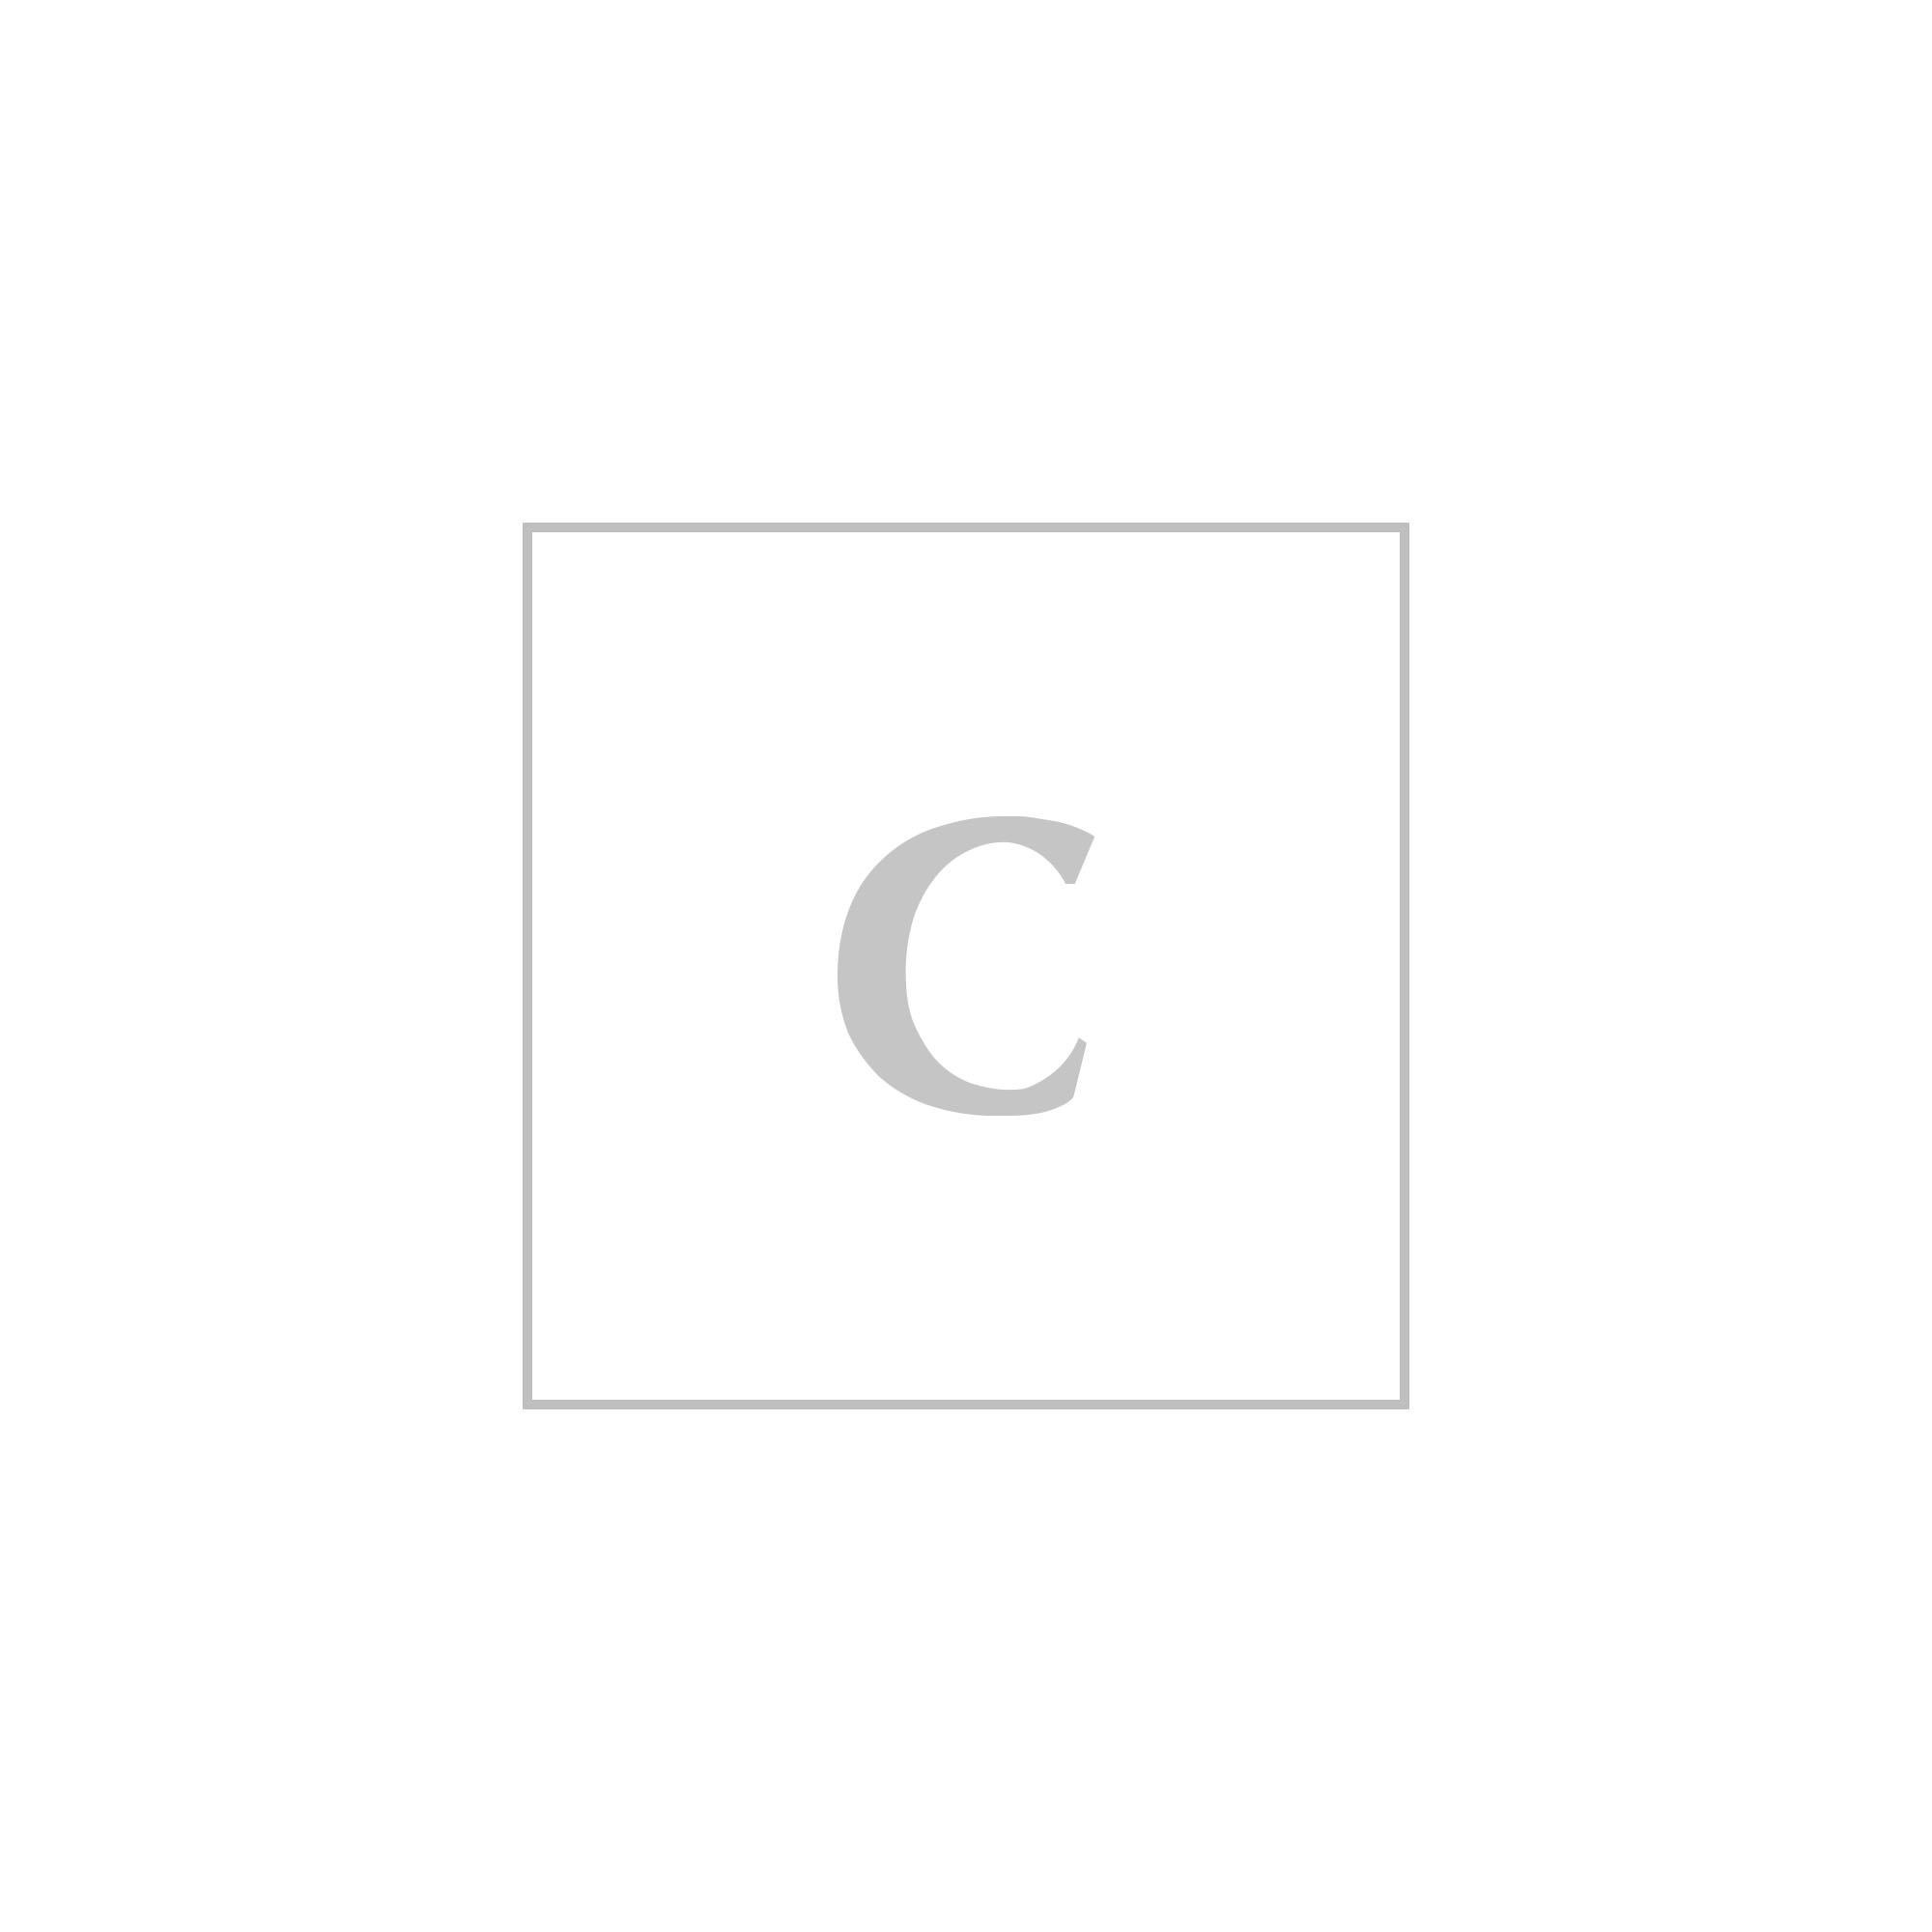 kenzo abbigliamento uomo polo con logo